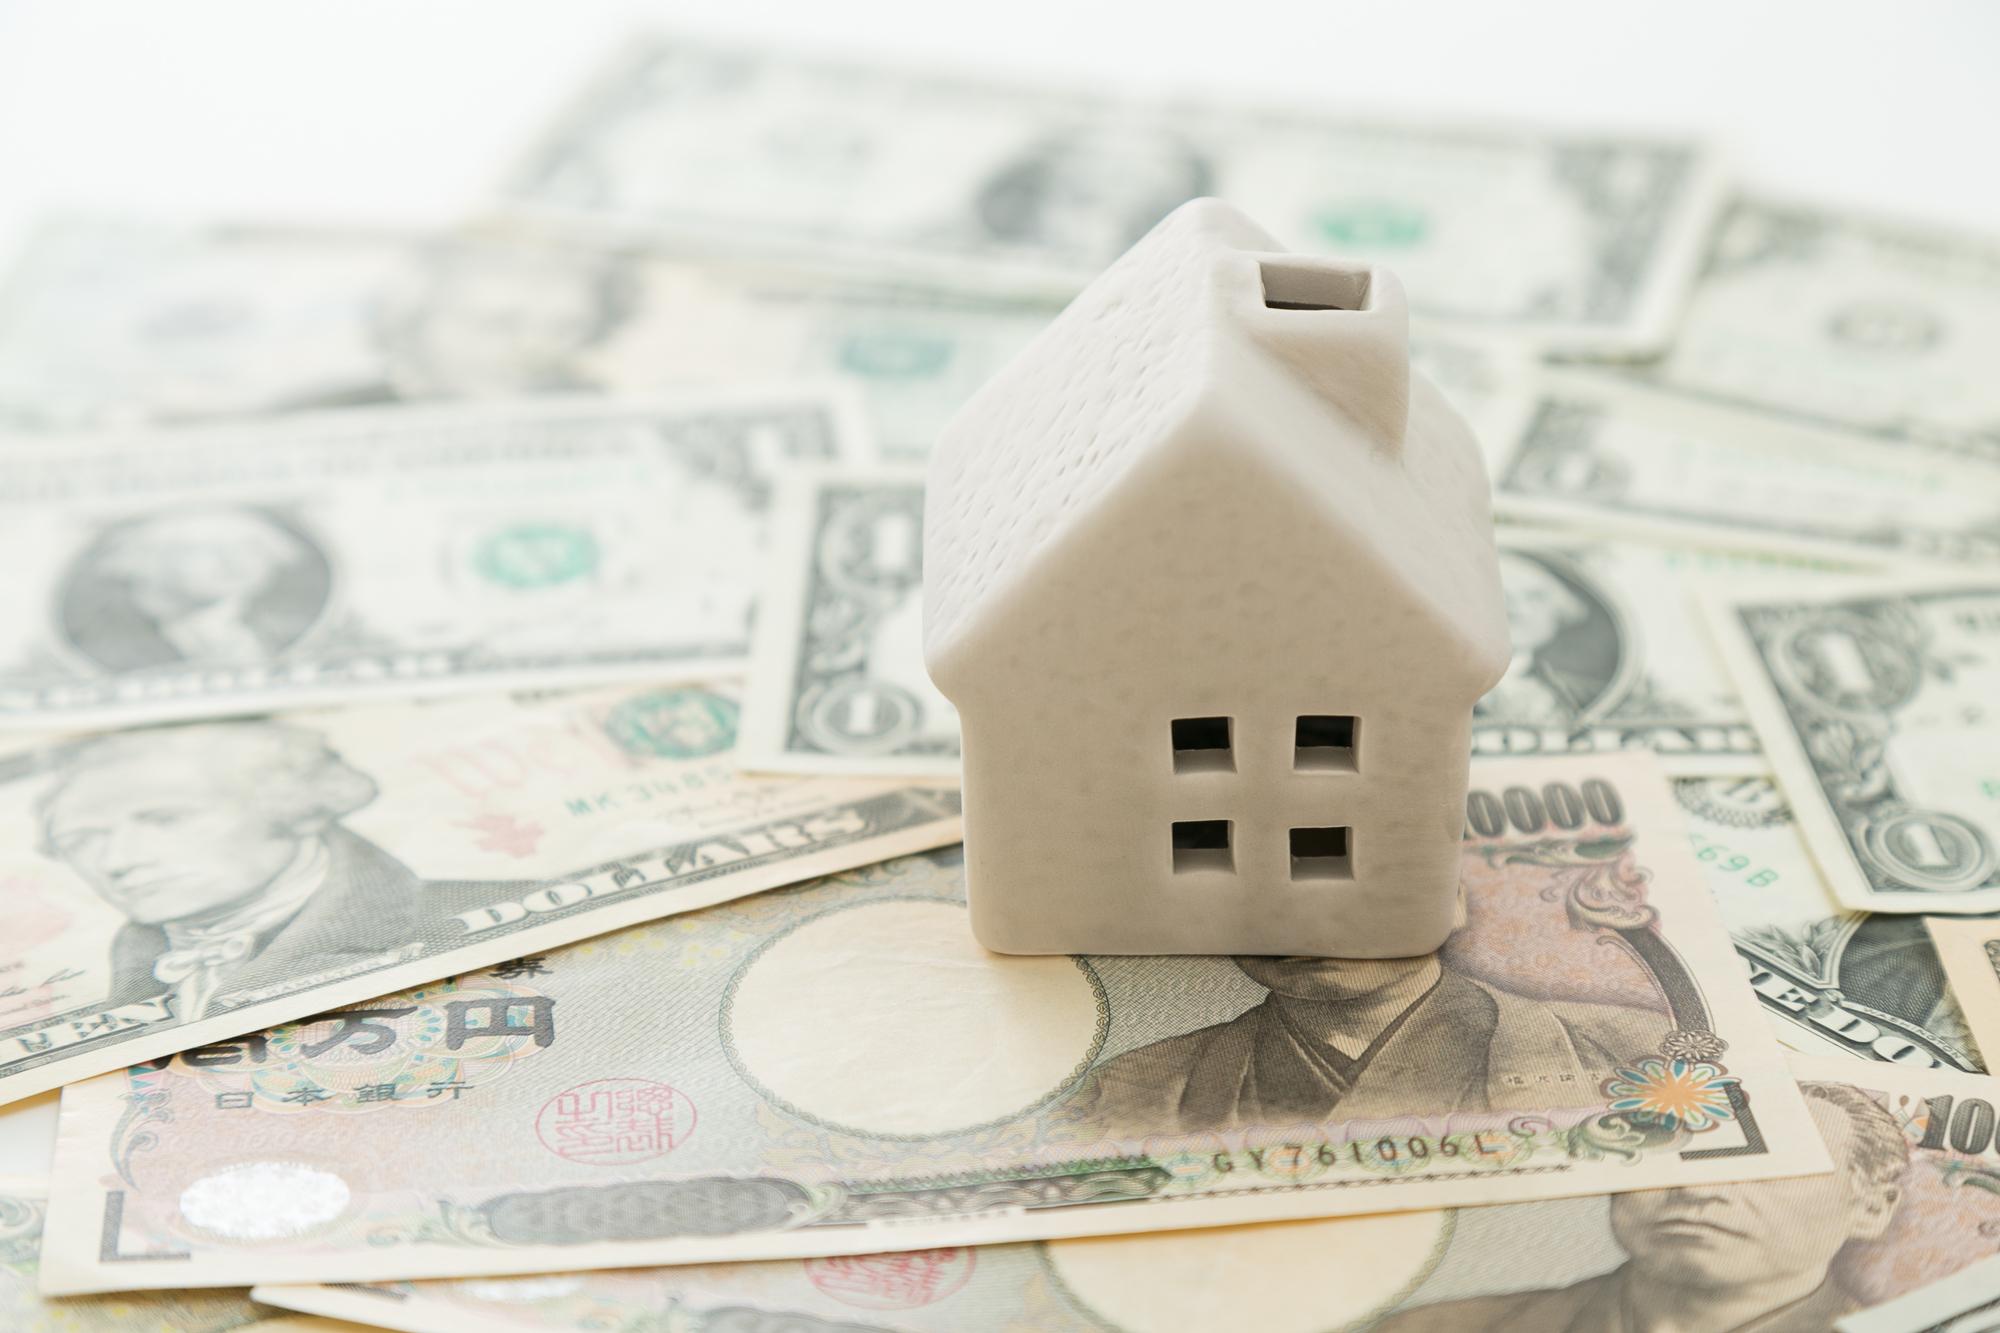 【専門家執筆】輸入住宅を検討するなら知っておきたいメリット・デメリット